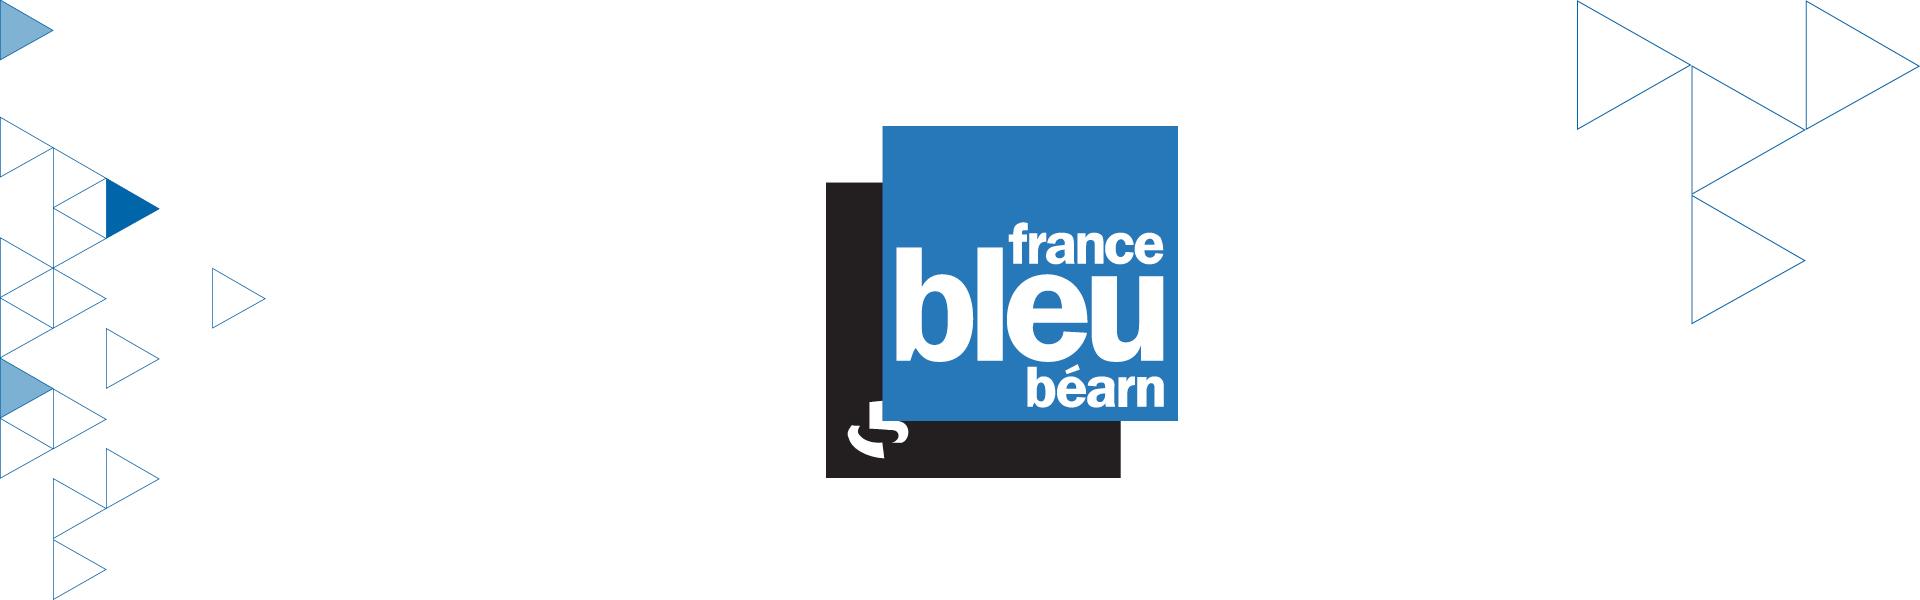 Le jeudi 30 juin, notre architecte conseillère était l'invitée de France Bleu Béarn...